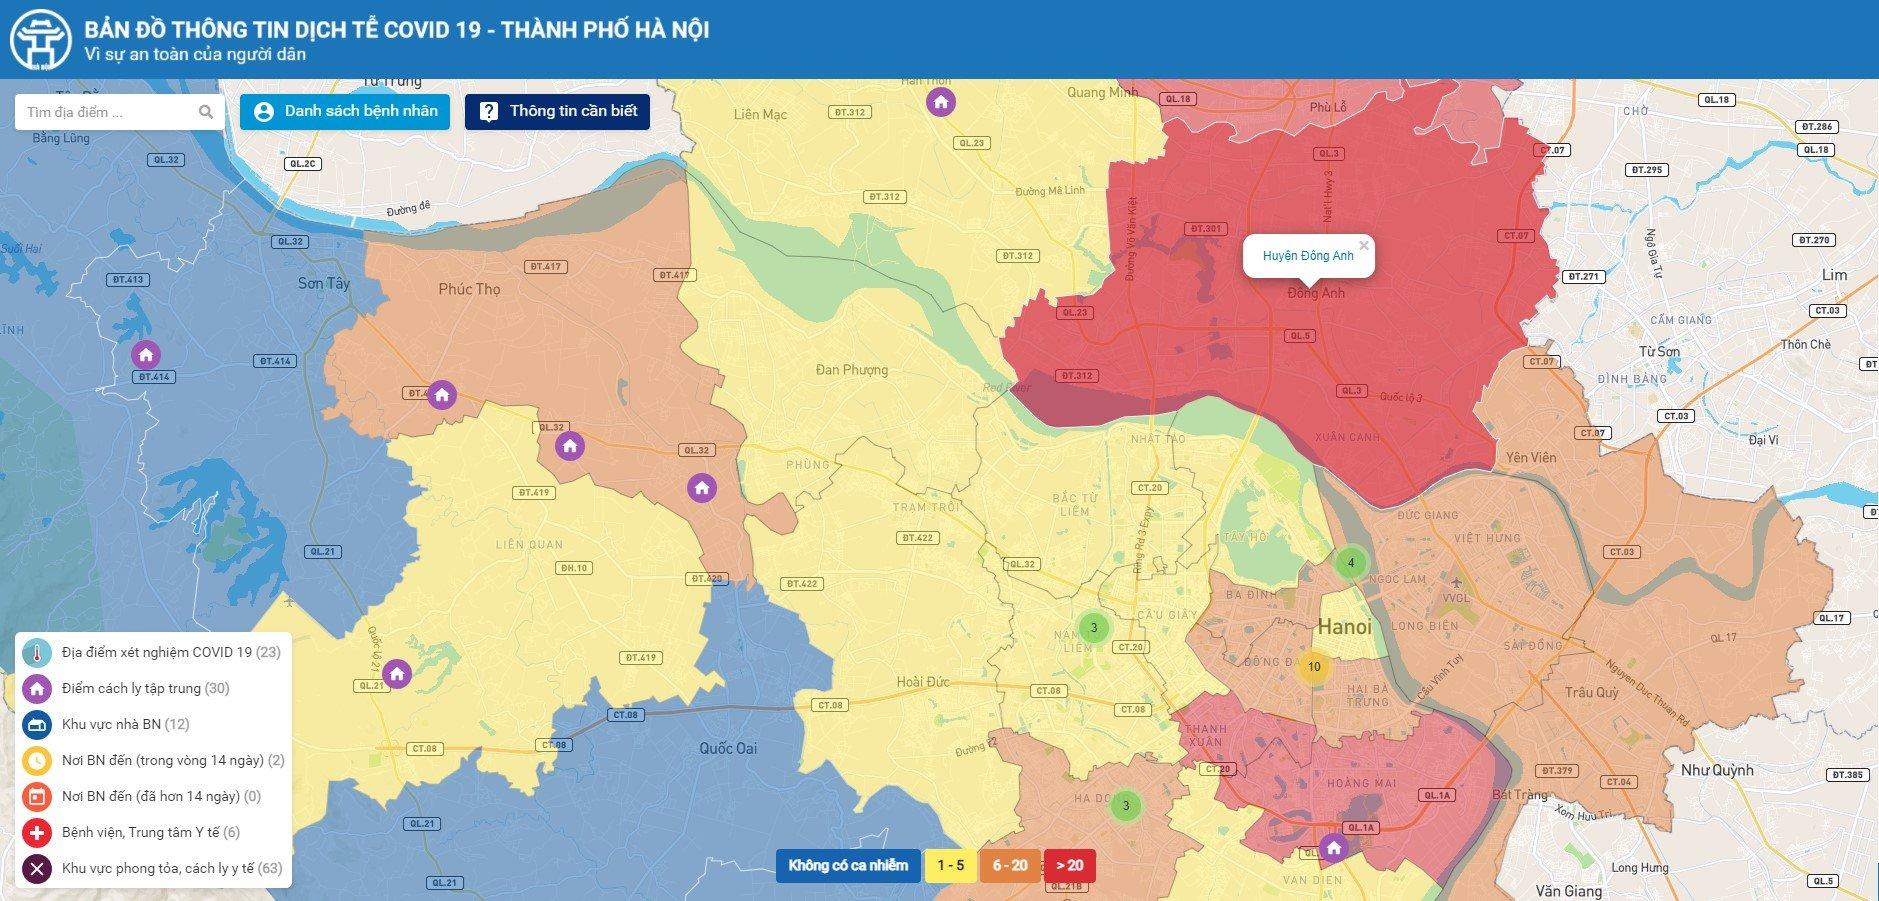 Từ hôm nay, người Hà Nội có thể tự tra thông tin dịch tễ trên bản đồ COVID-19 - Ảnh 3.